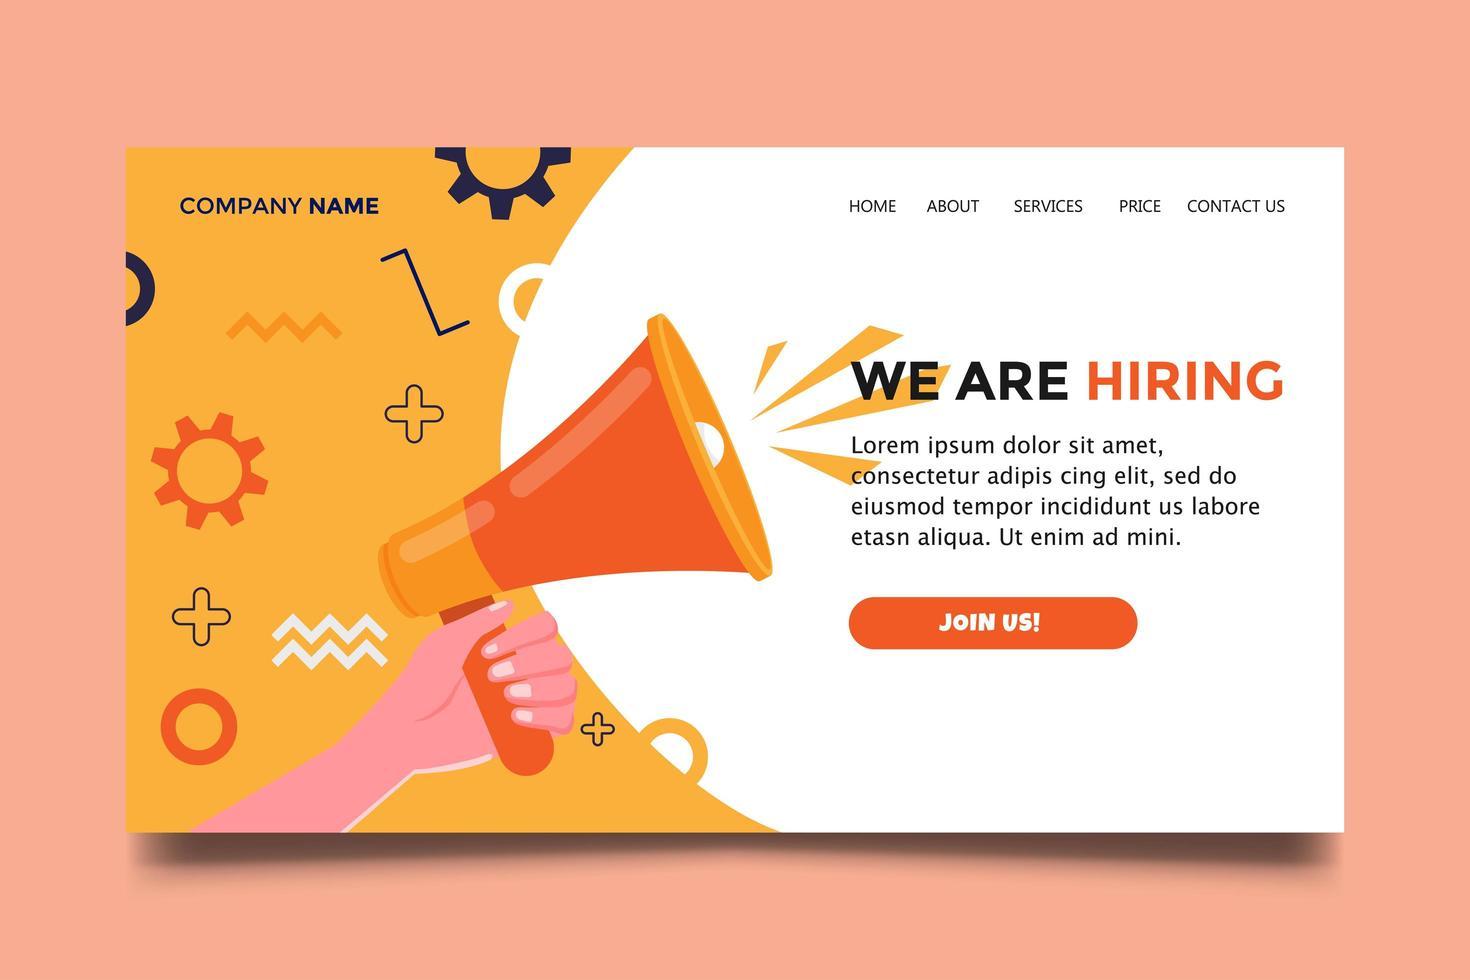 estamos contratando la página de inicio del sitio web con una campaña de icono de megáfono de mano. vector